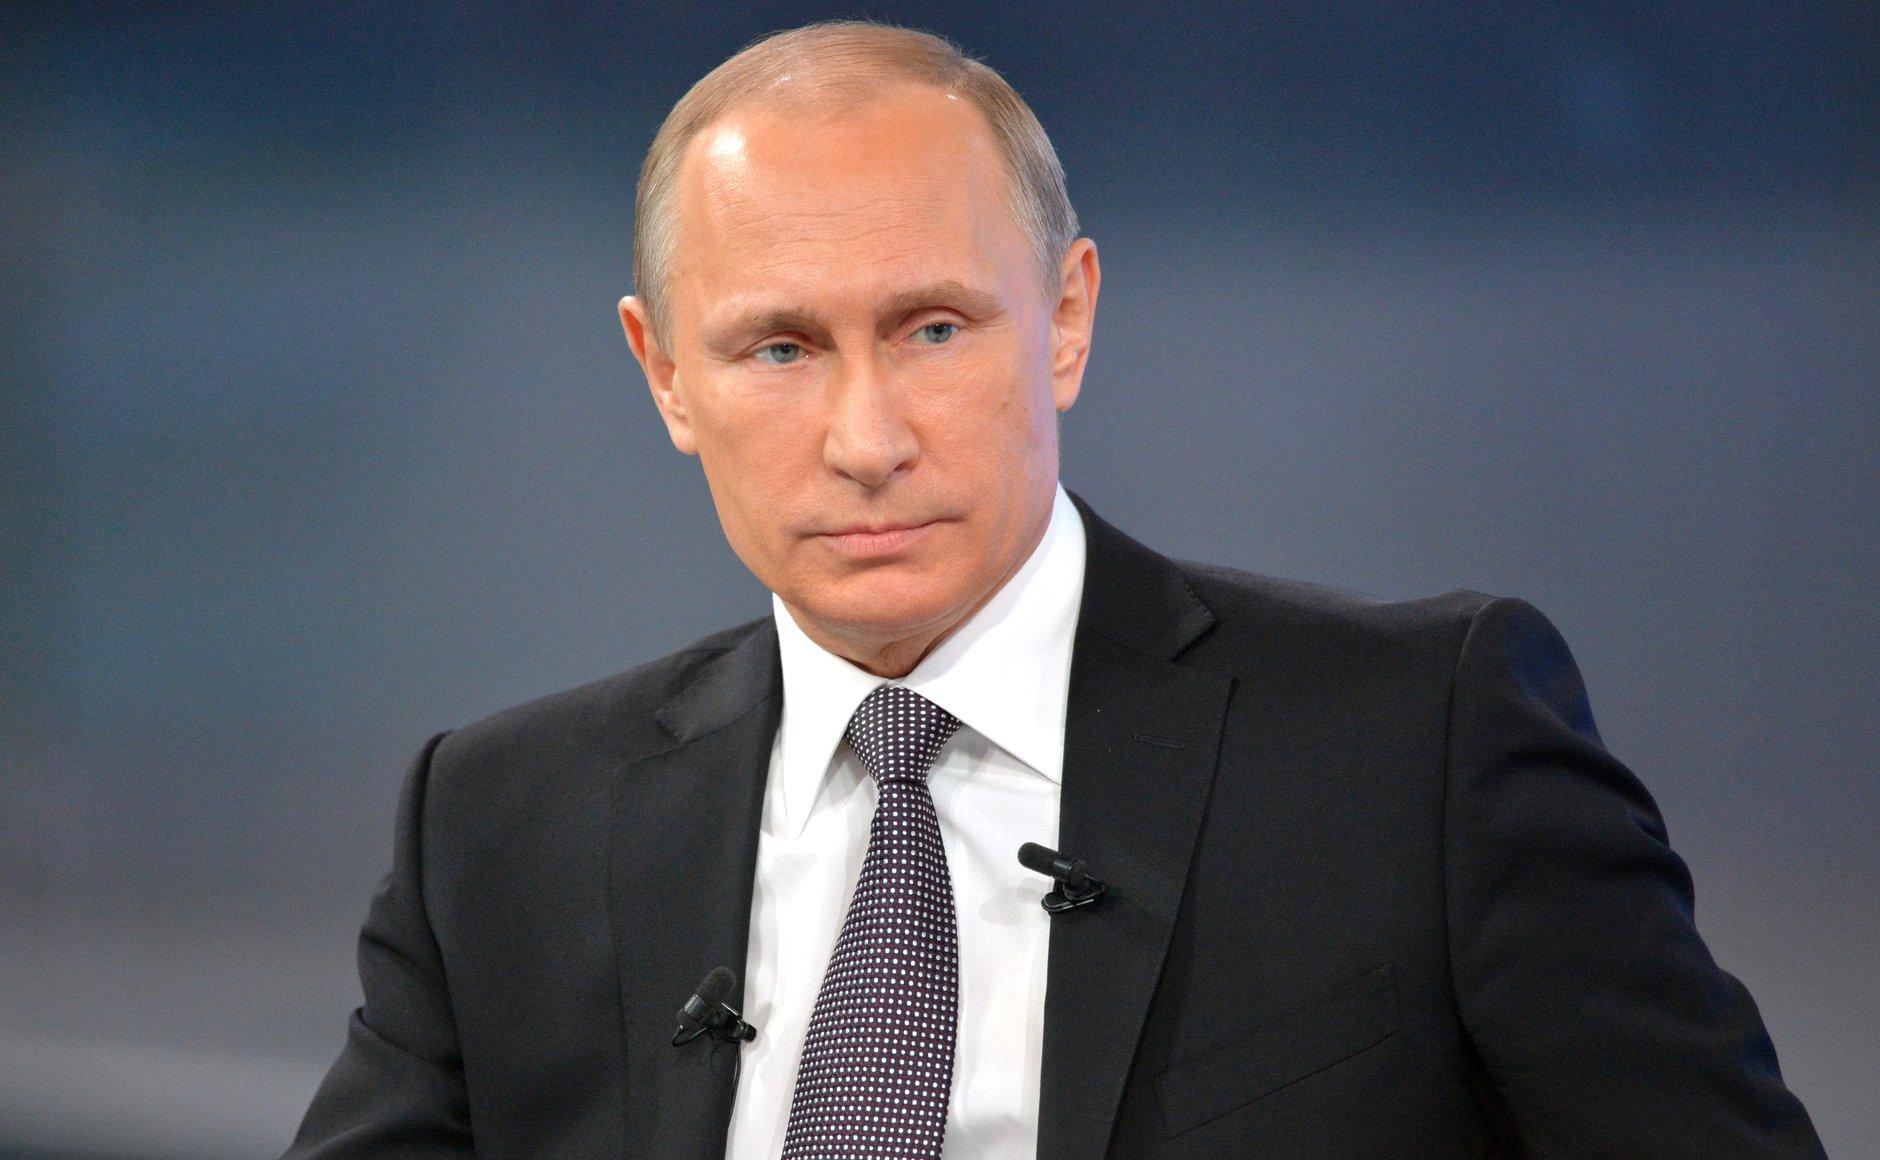 Мережу підірвало відео про Путіна і завагiтнiвшу теличку (відео)